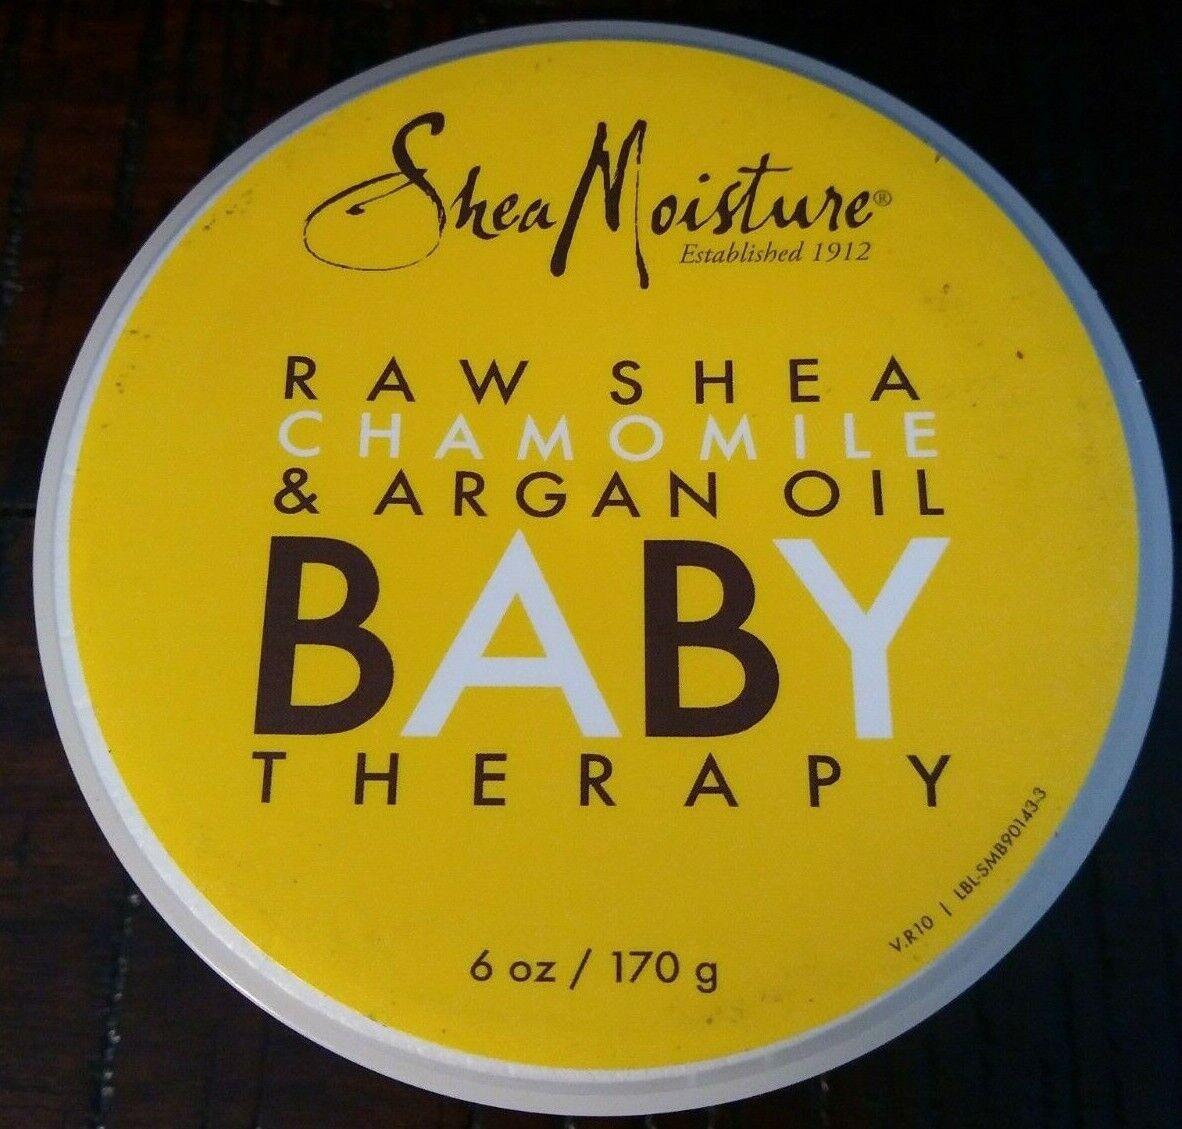 Shea Moisture - Raw Shea, Chamomile & Argan Oil Baby Eczema